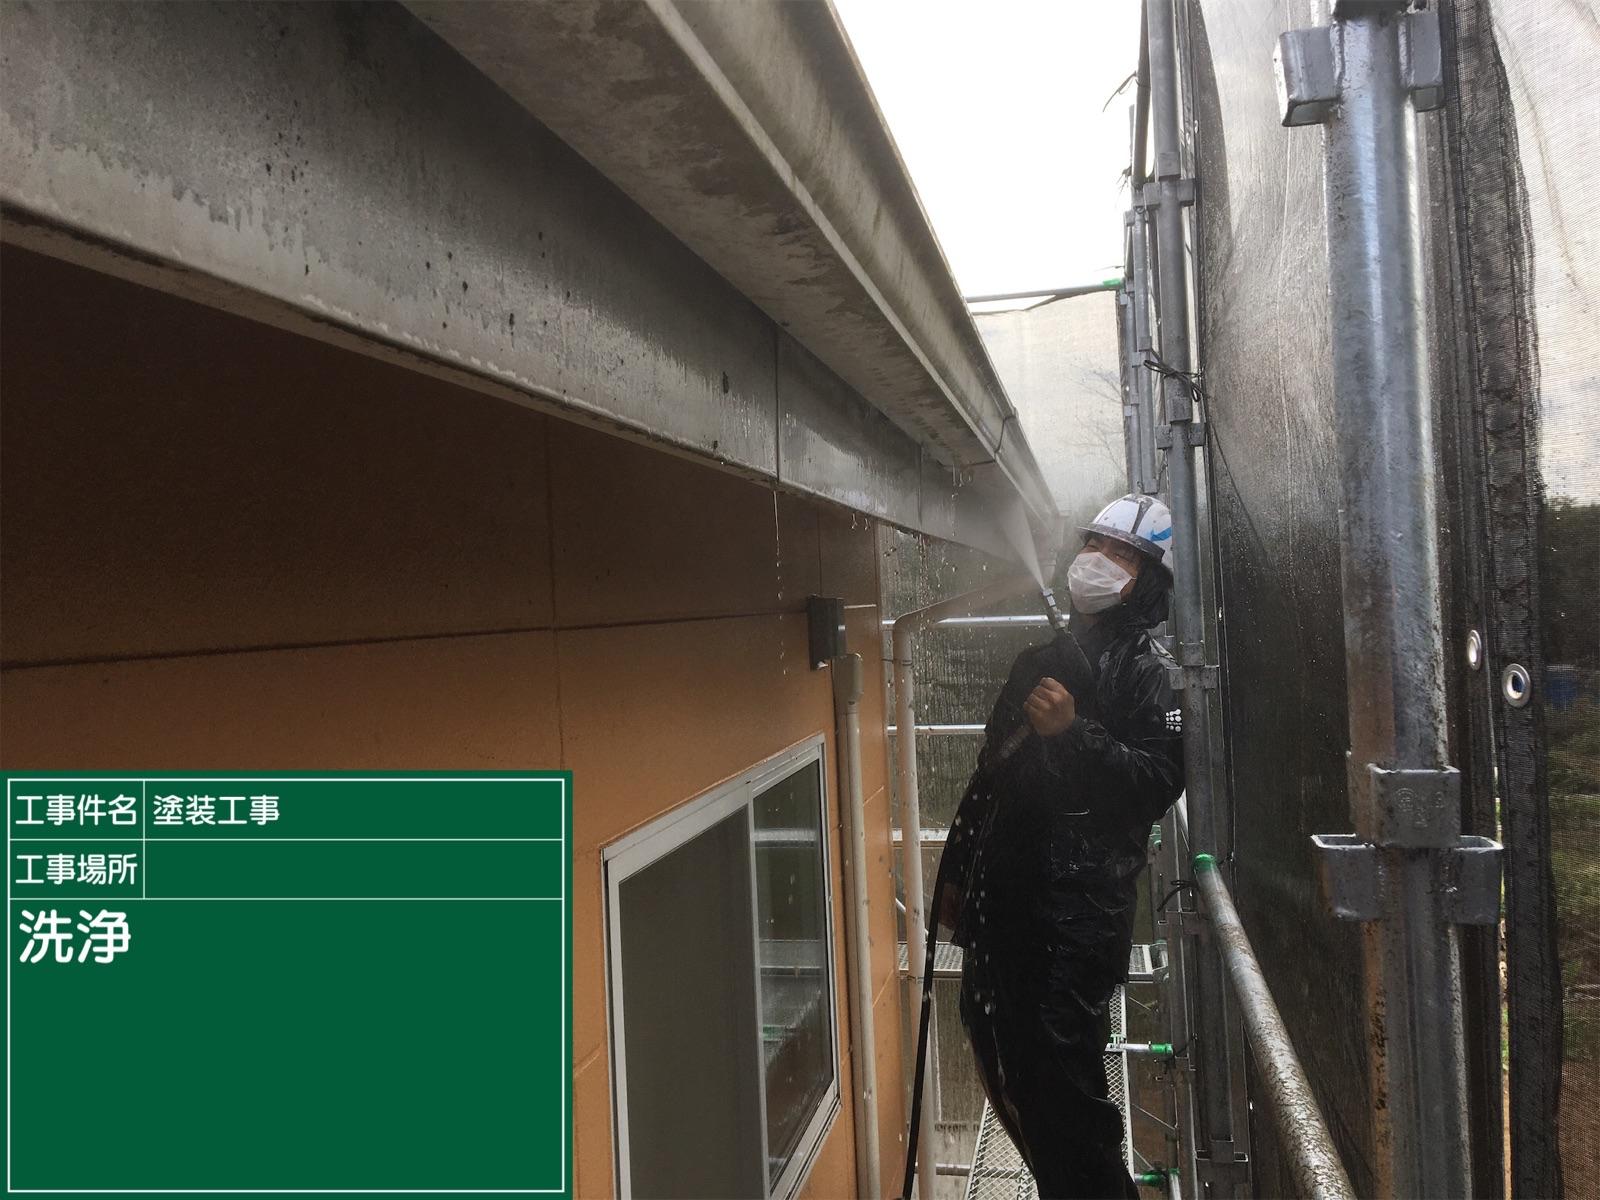 高圧洗浄中雨樋(2)300016